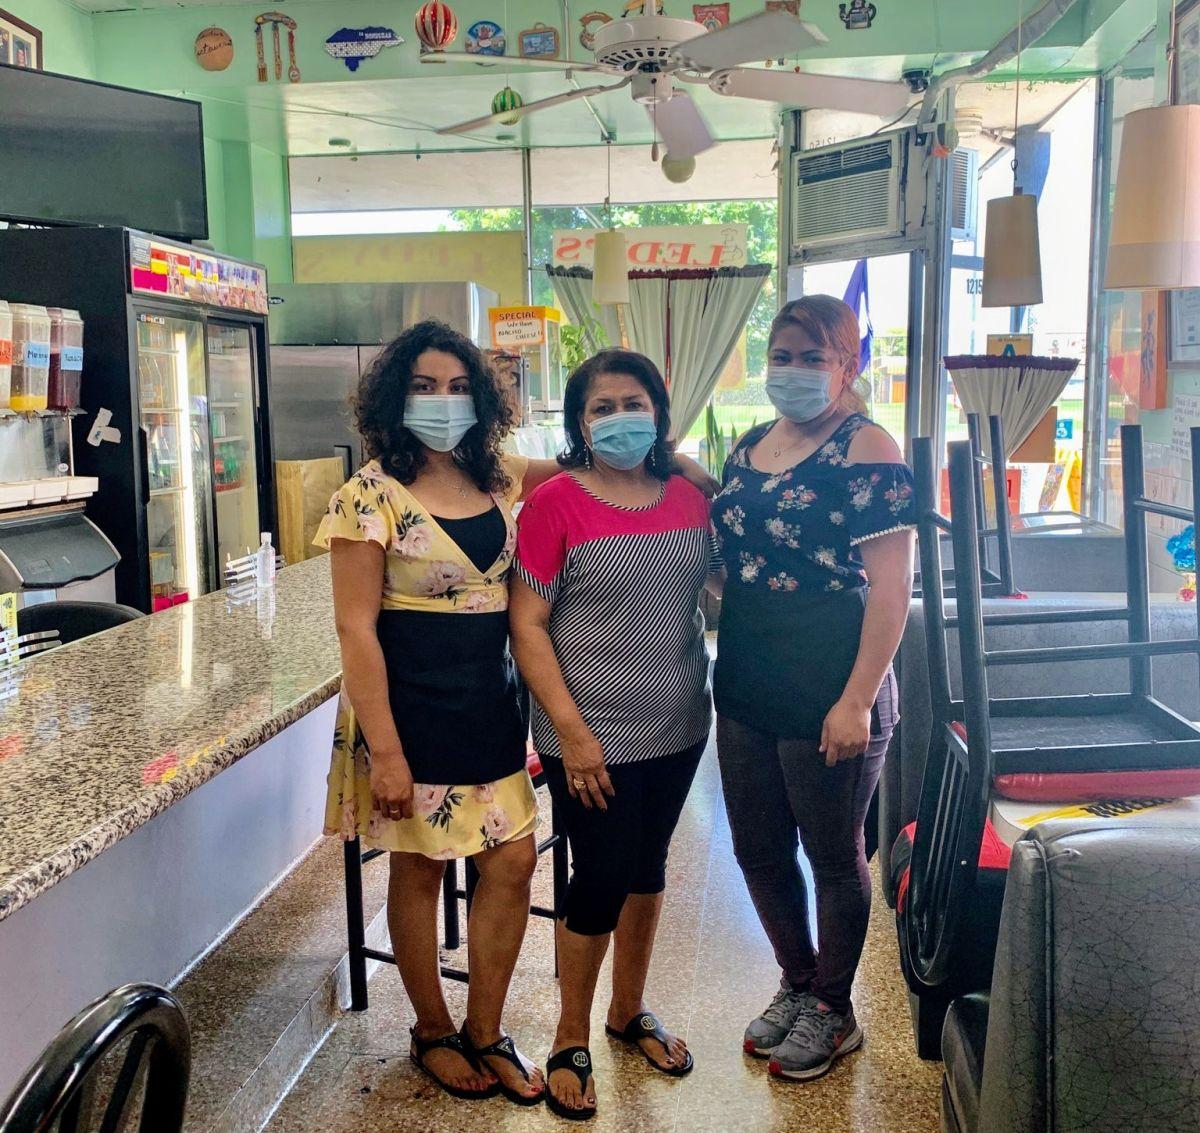 Restringen el trabajo en los lugares equivocados, dicen dueños de restaurantes